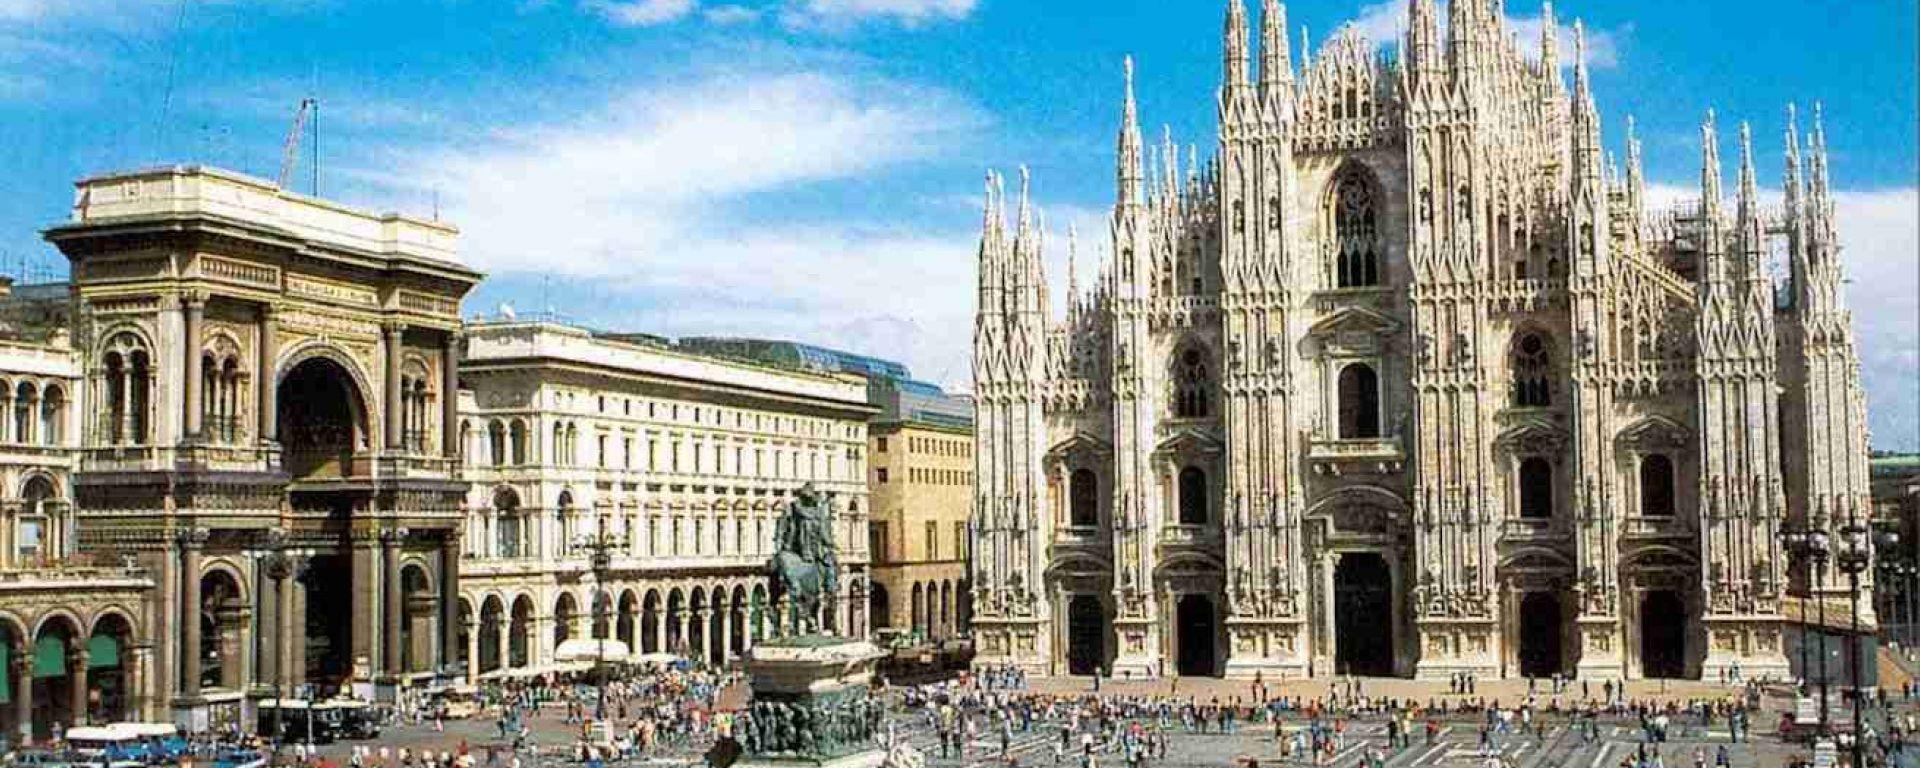 Autovelox: nuove postazioni fisse e mobili a Milano